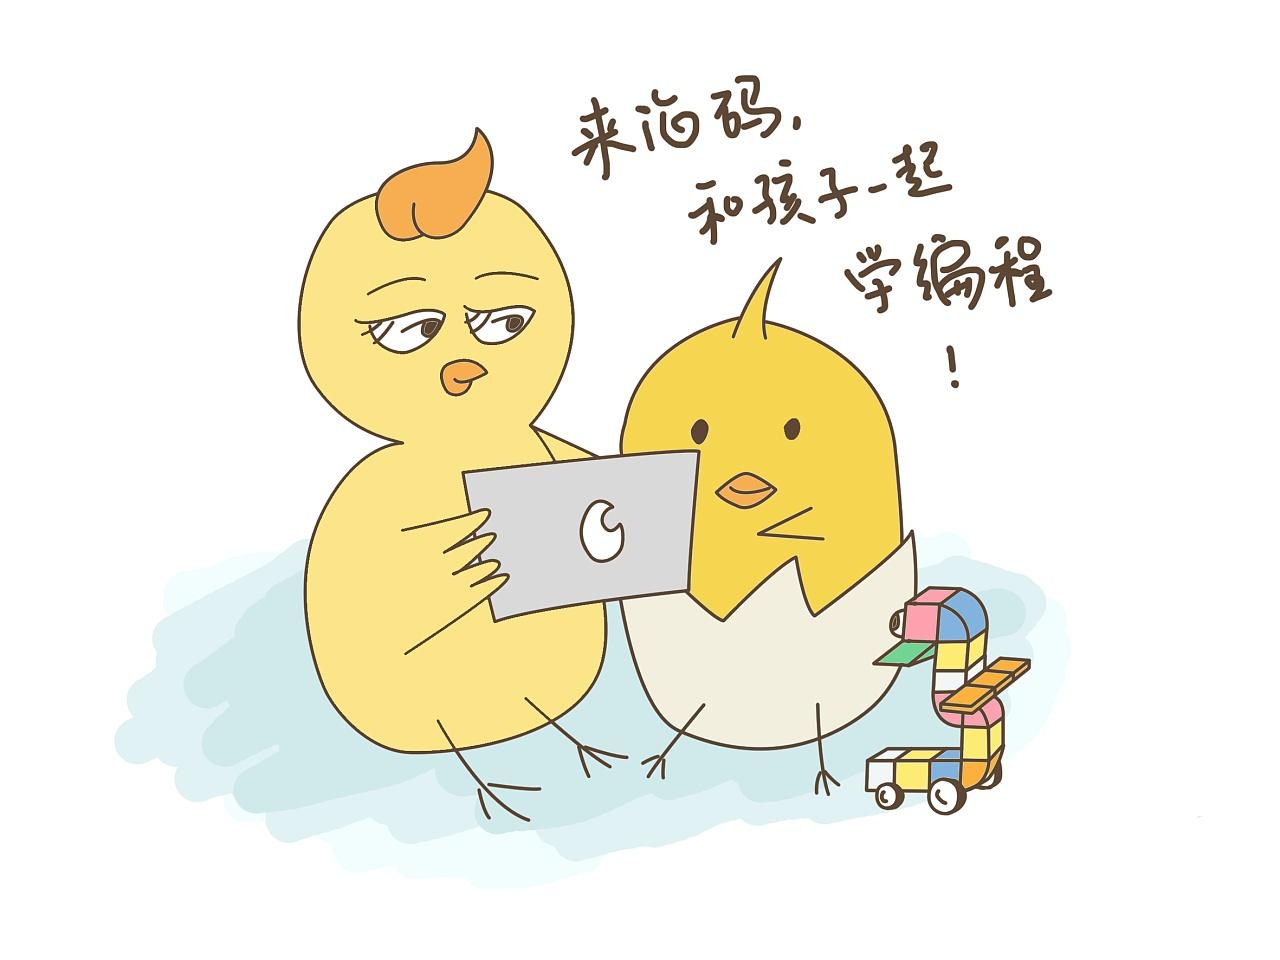 儿童编程教育宣传插画